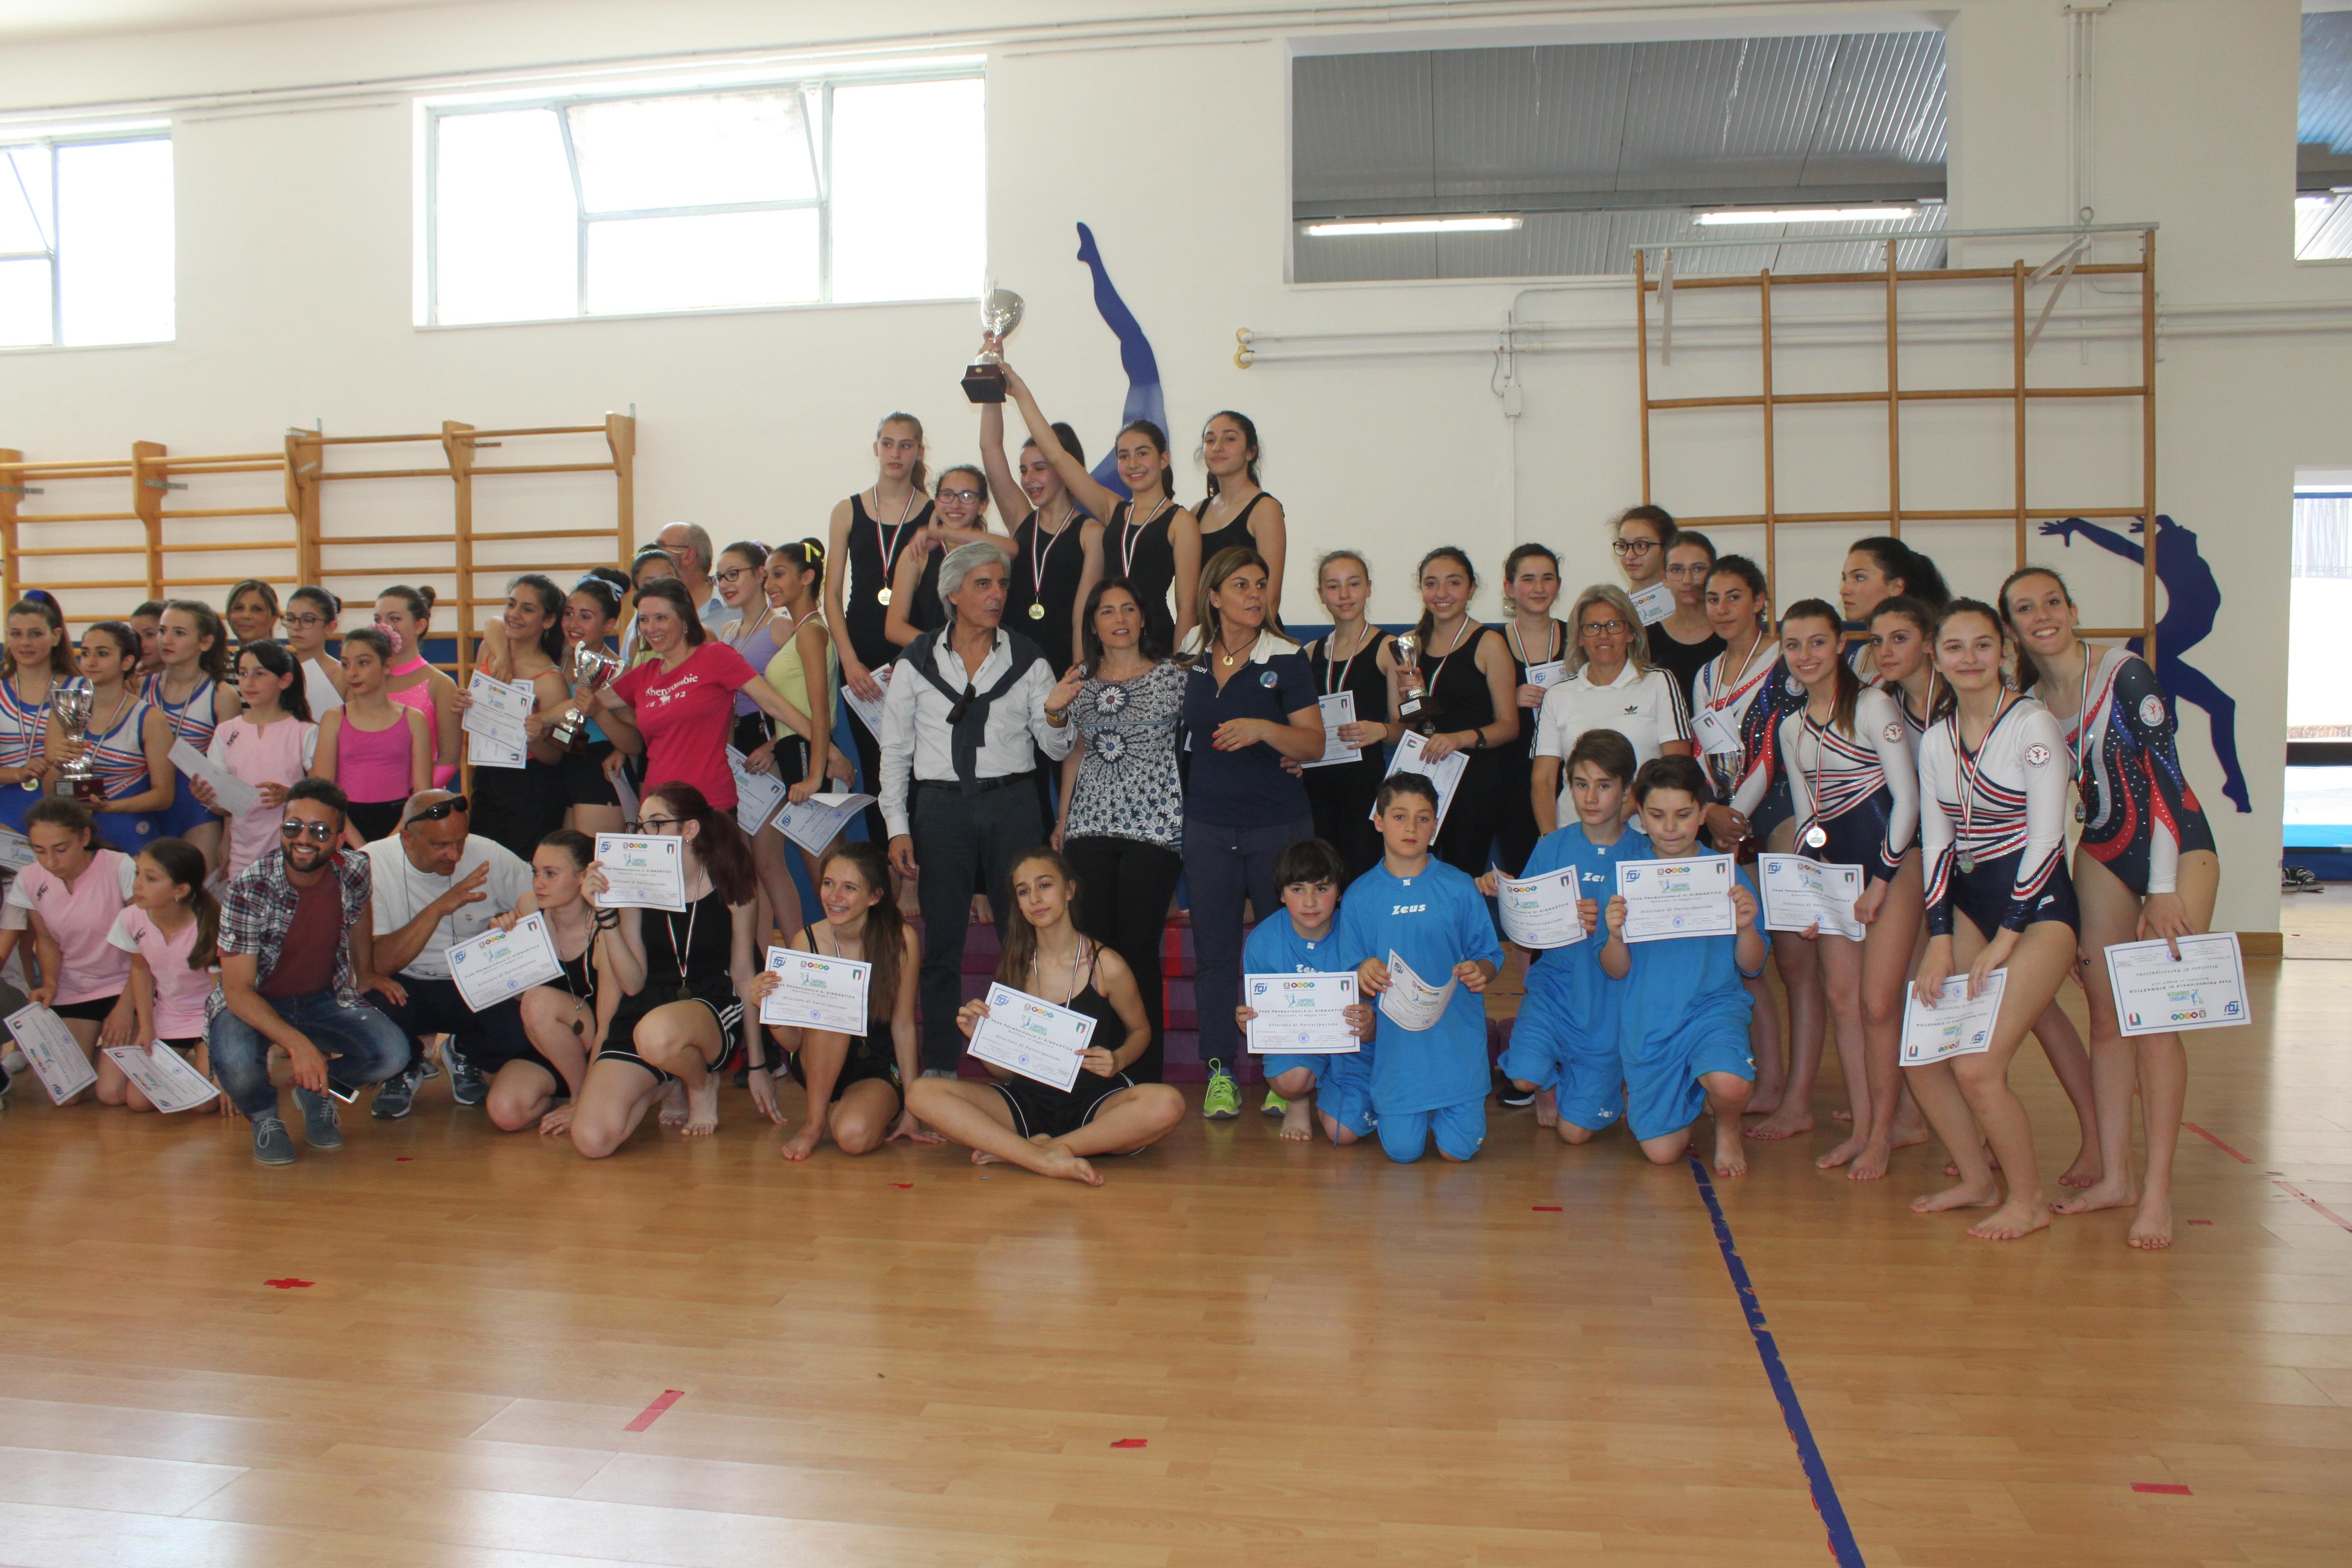 Chiusi Campionati Studenteschi di Ginnastica organizzati dall'Organismo Provinciale per lo Sport a Scuola